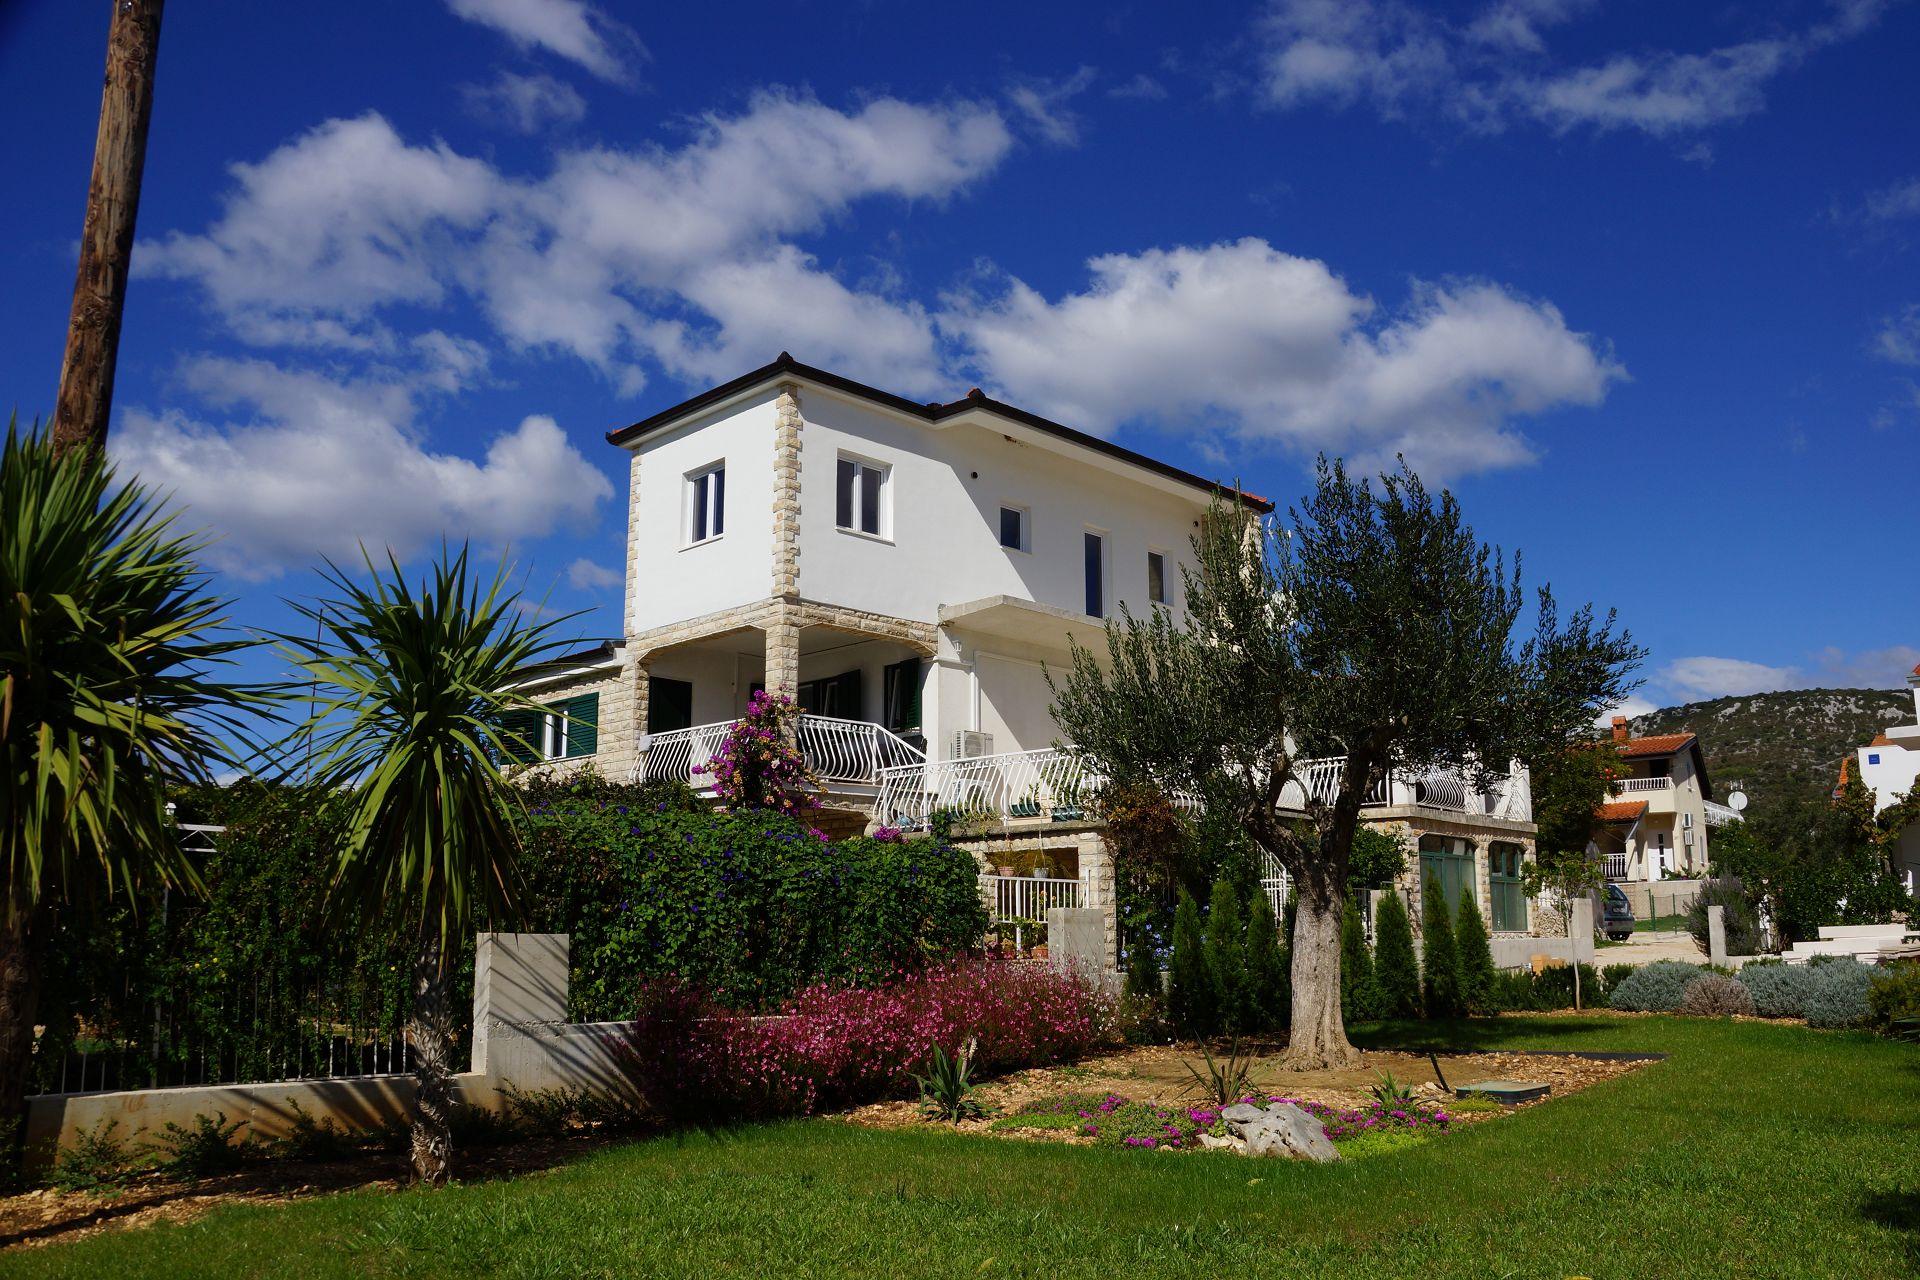 4914 - Vinisce - Appartementen Kroatië